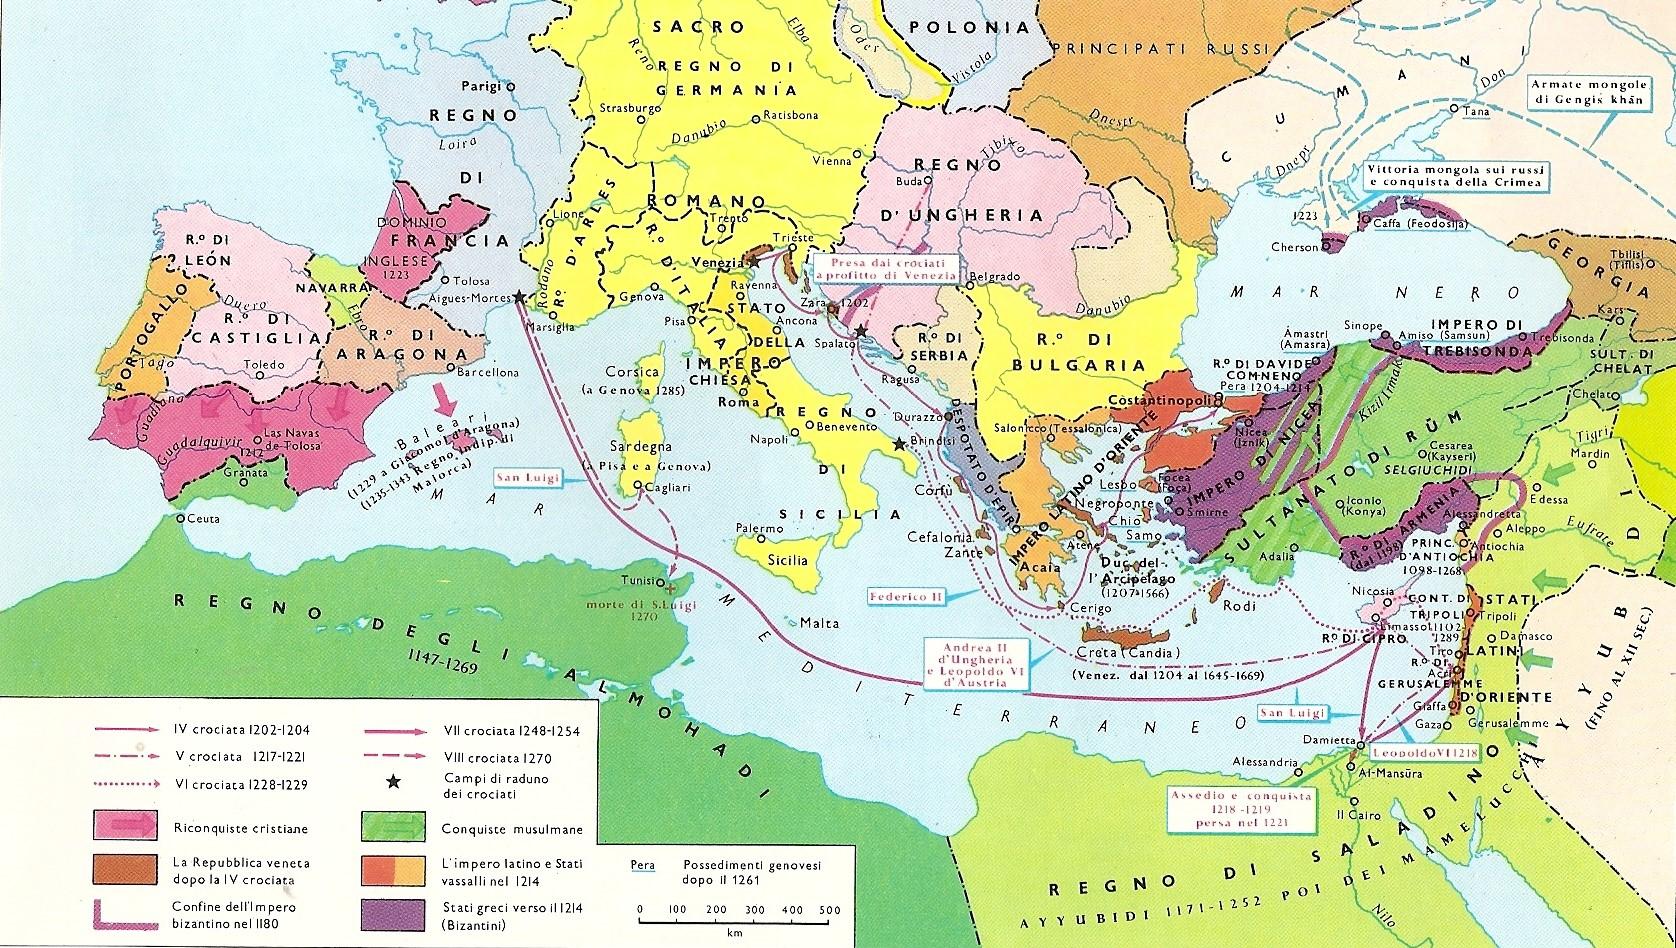 Mediterraneo Cartina Geografica.Editoriale Di F Cardini Come Vincere La Guerra Civile Nel Mare Nostrum Barbadillo